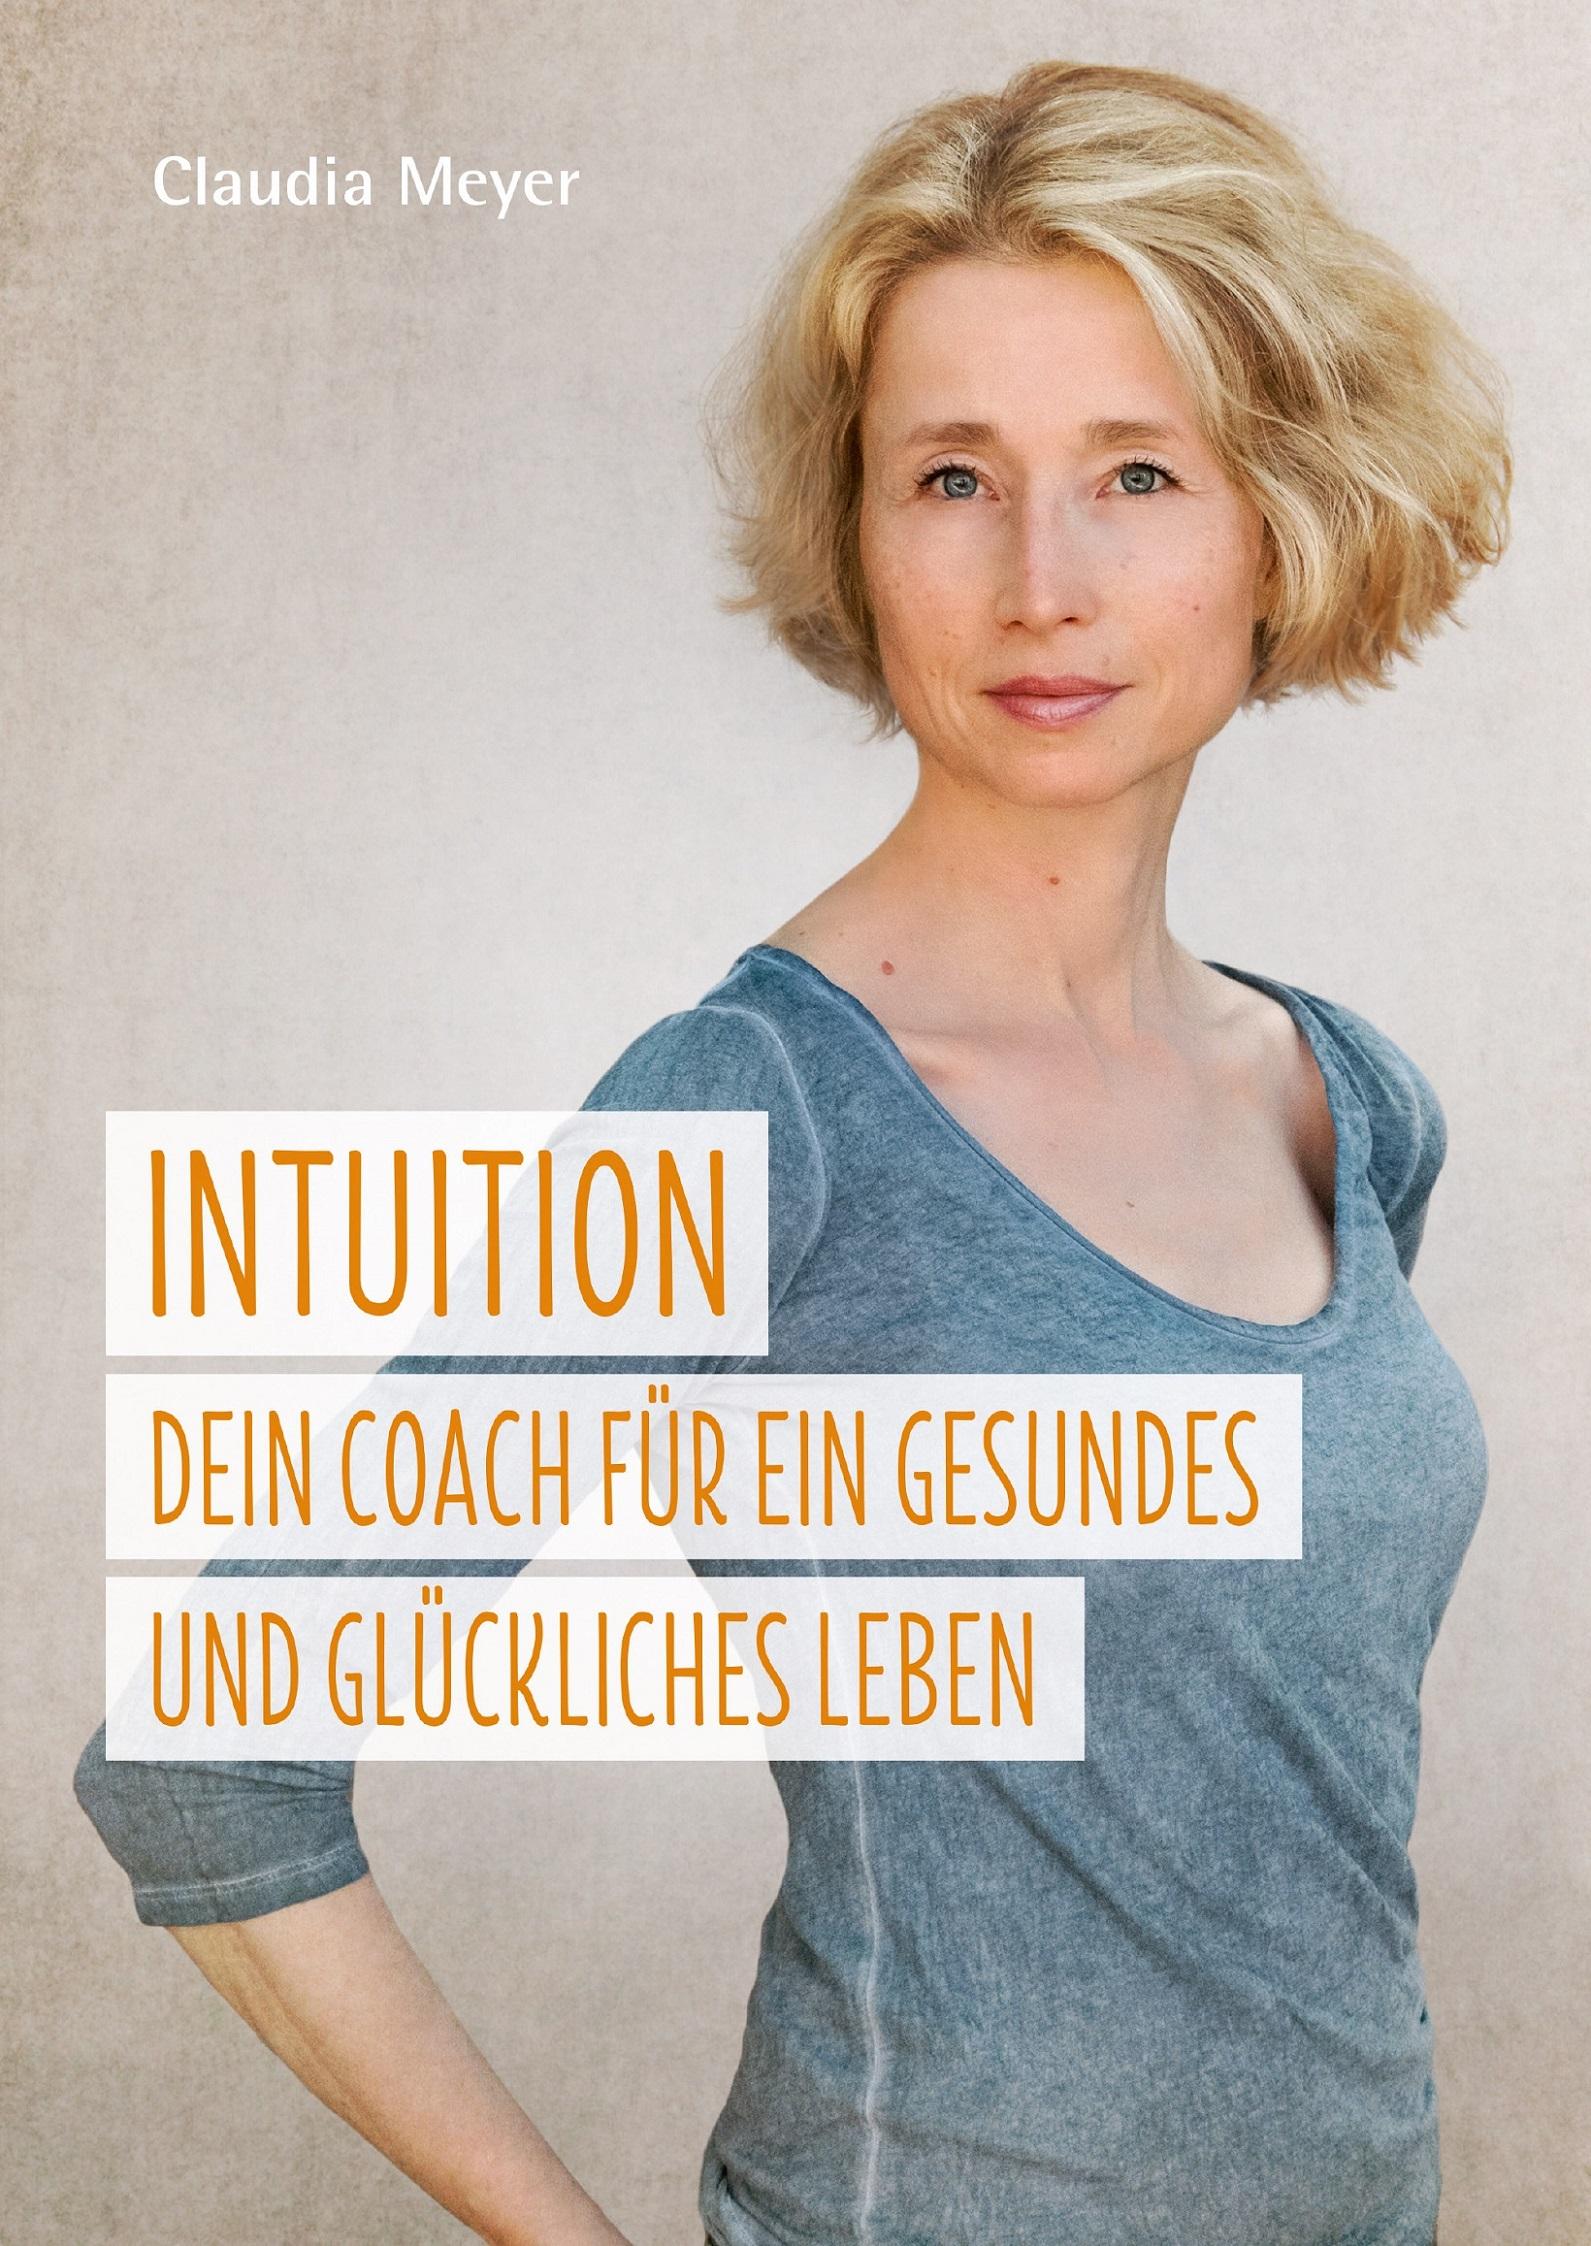 Mit Intuition zu einem gesunden Leben finden